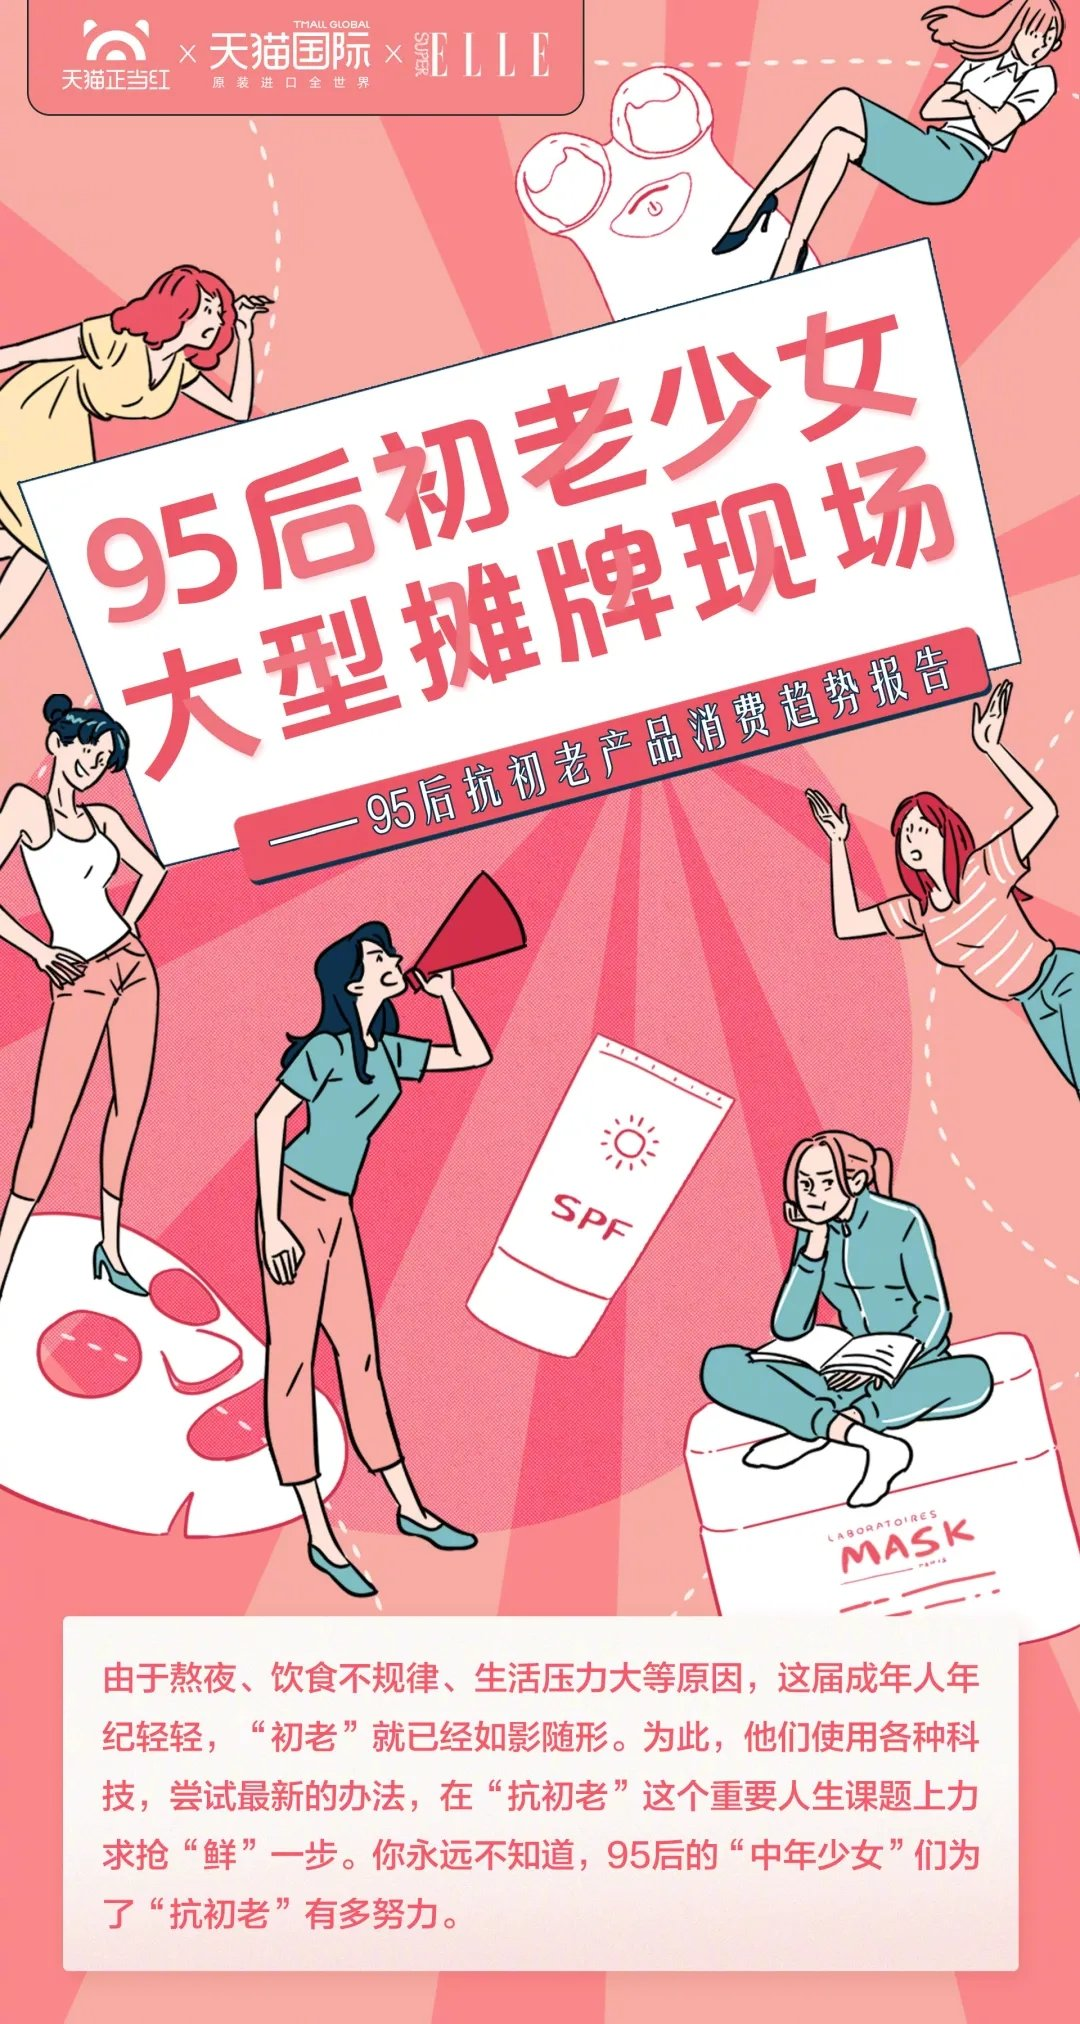 """天猫发布""""95后抗初老产品消费报告"""" 有哪些趋势?"""